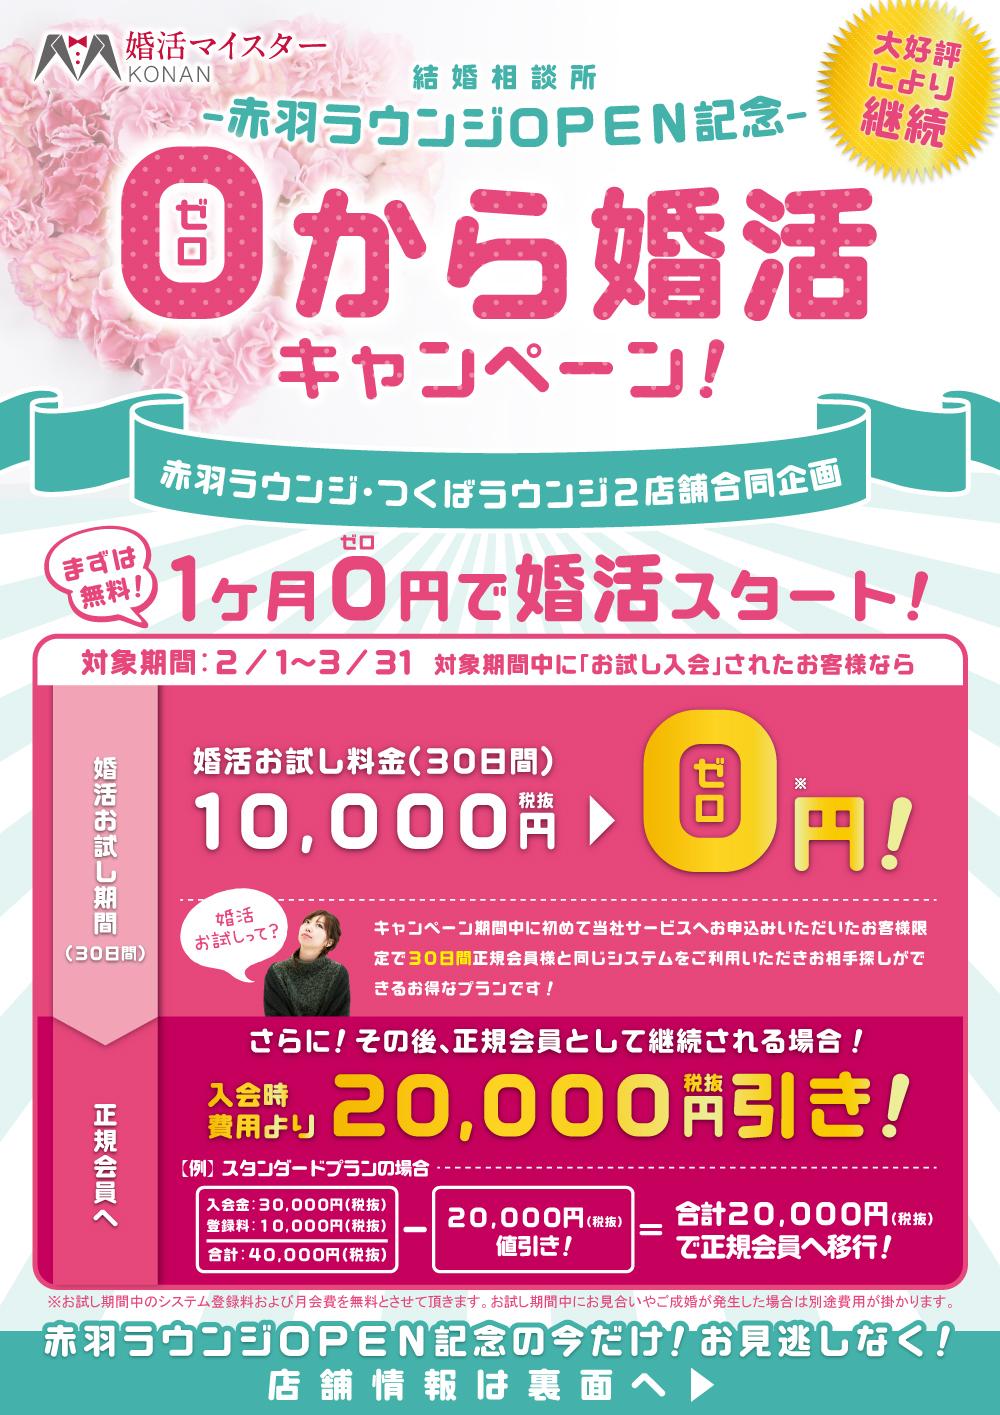 赤羽オープン記念08